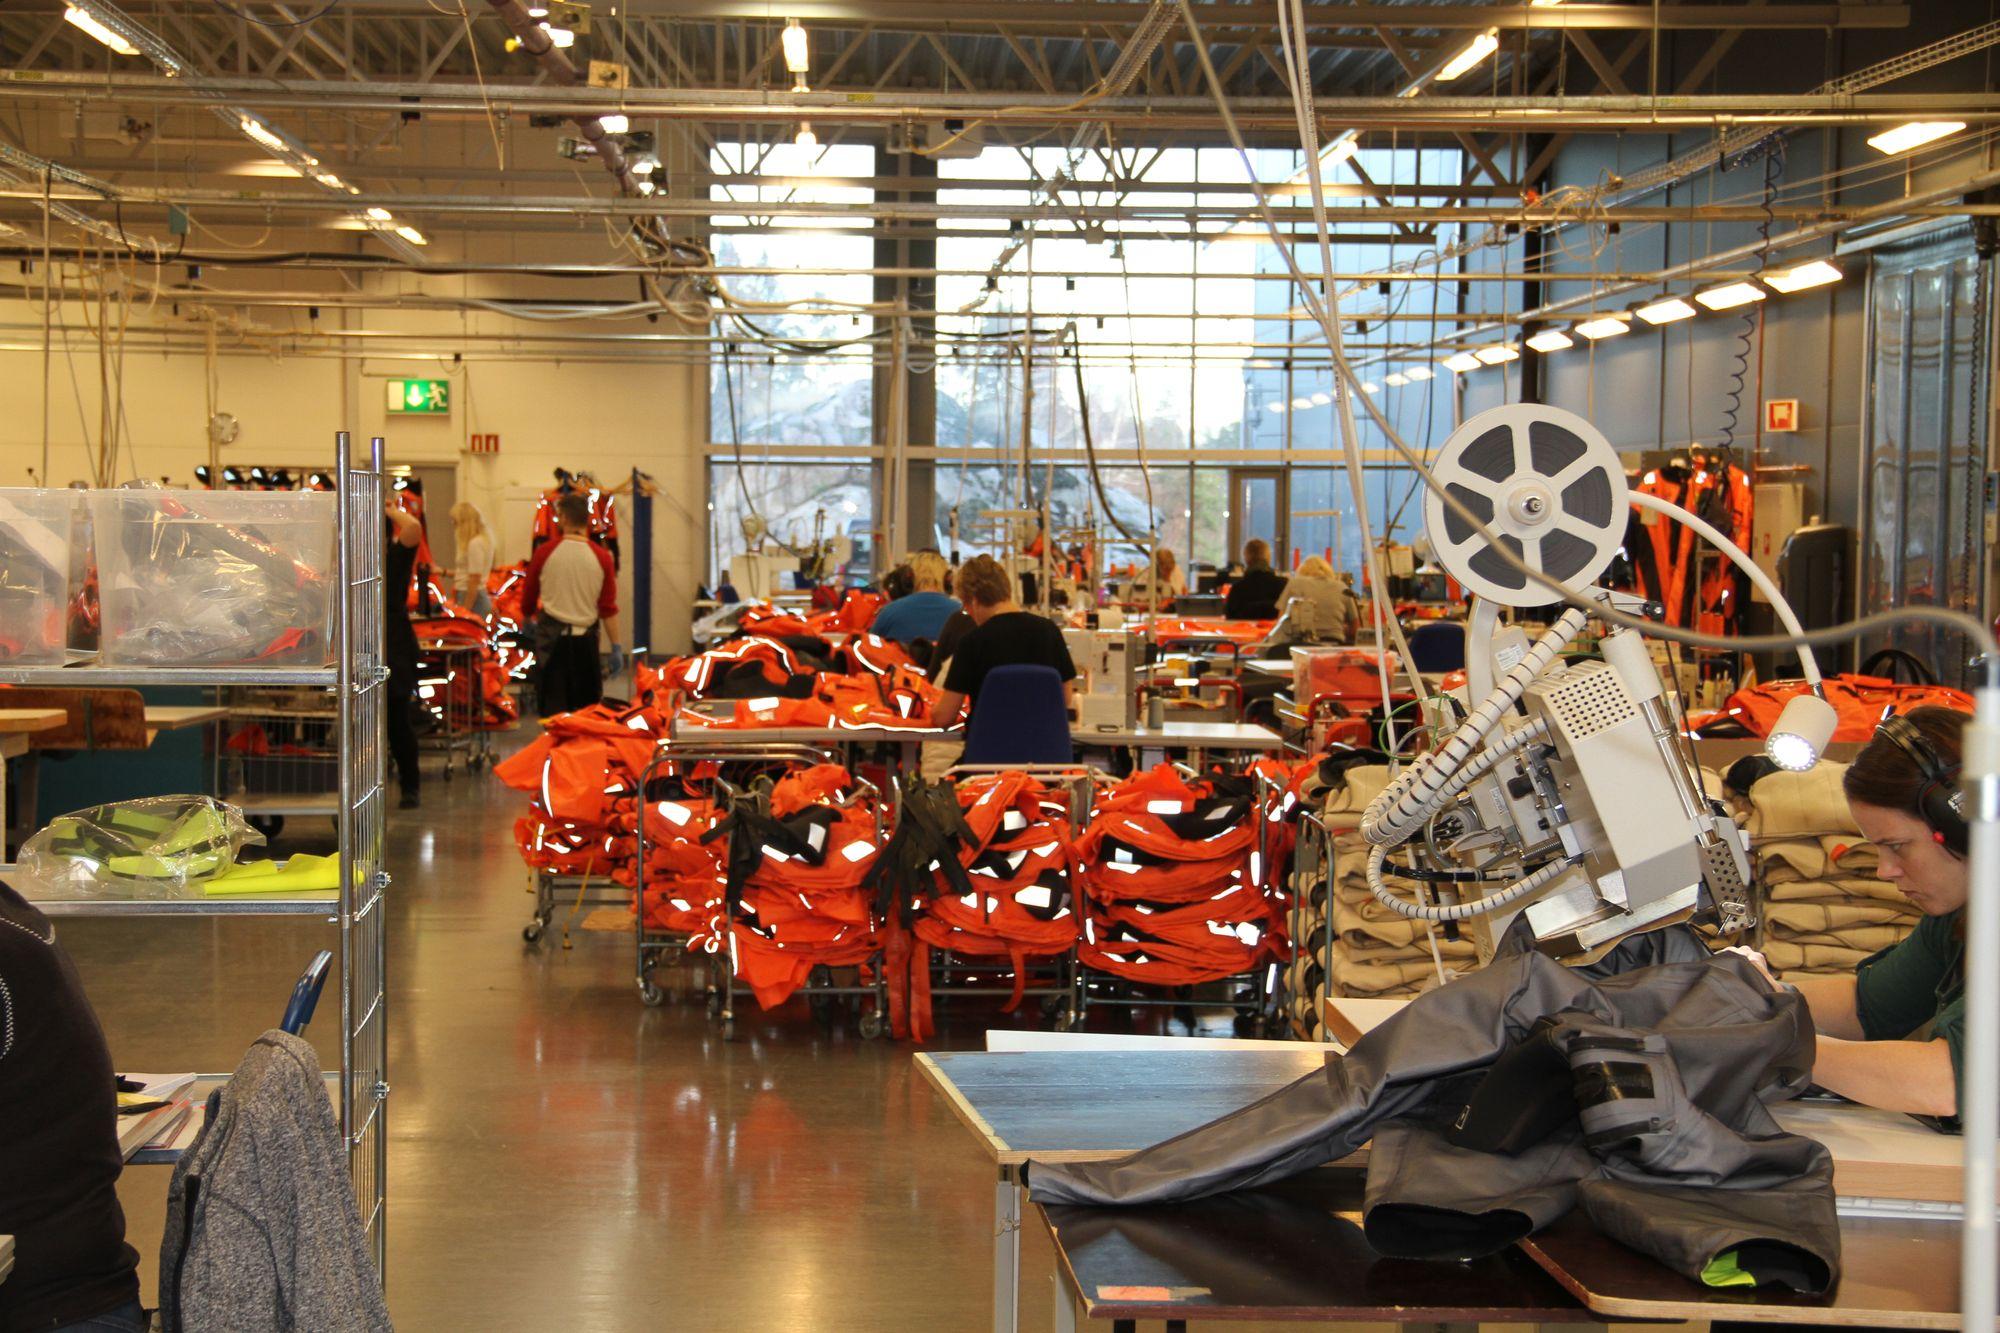 Hansen protection i Moss lager redningsdrakter. Det er svært komplisert å automatisere søm og myke materialer. Likevel leter ledelsen etter metoder for å øke graden av automatiseringen.